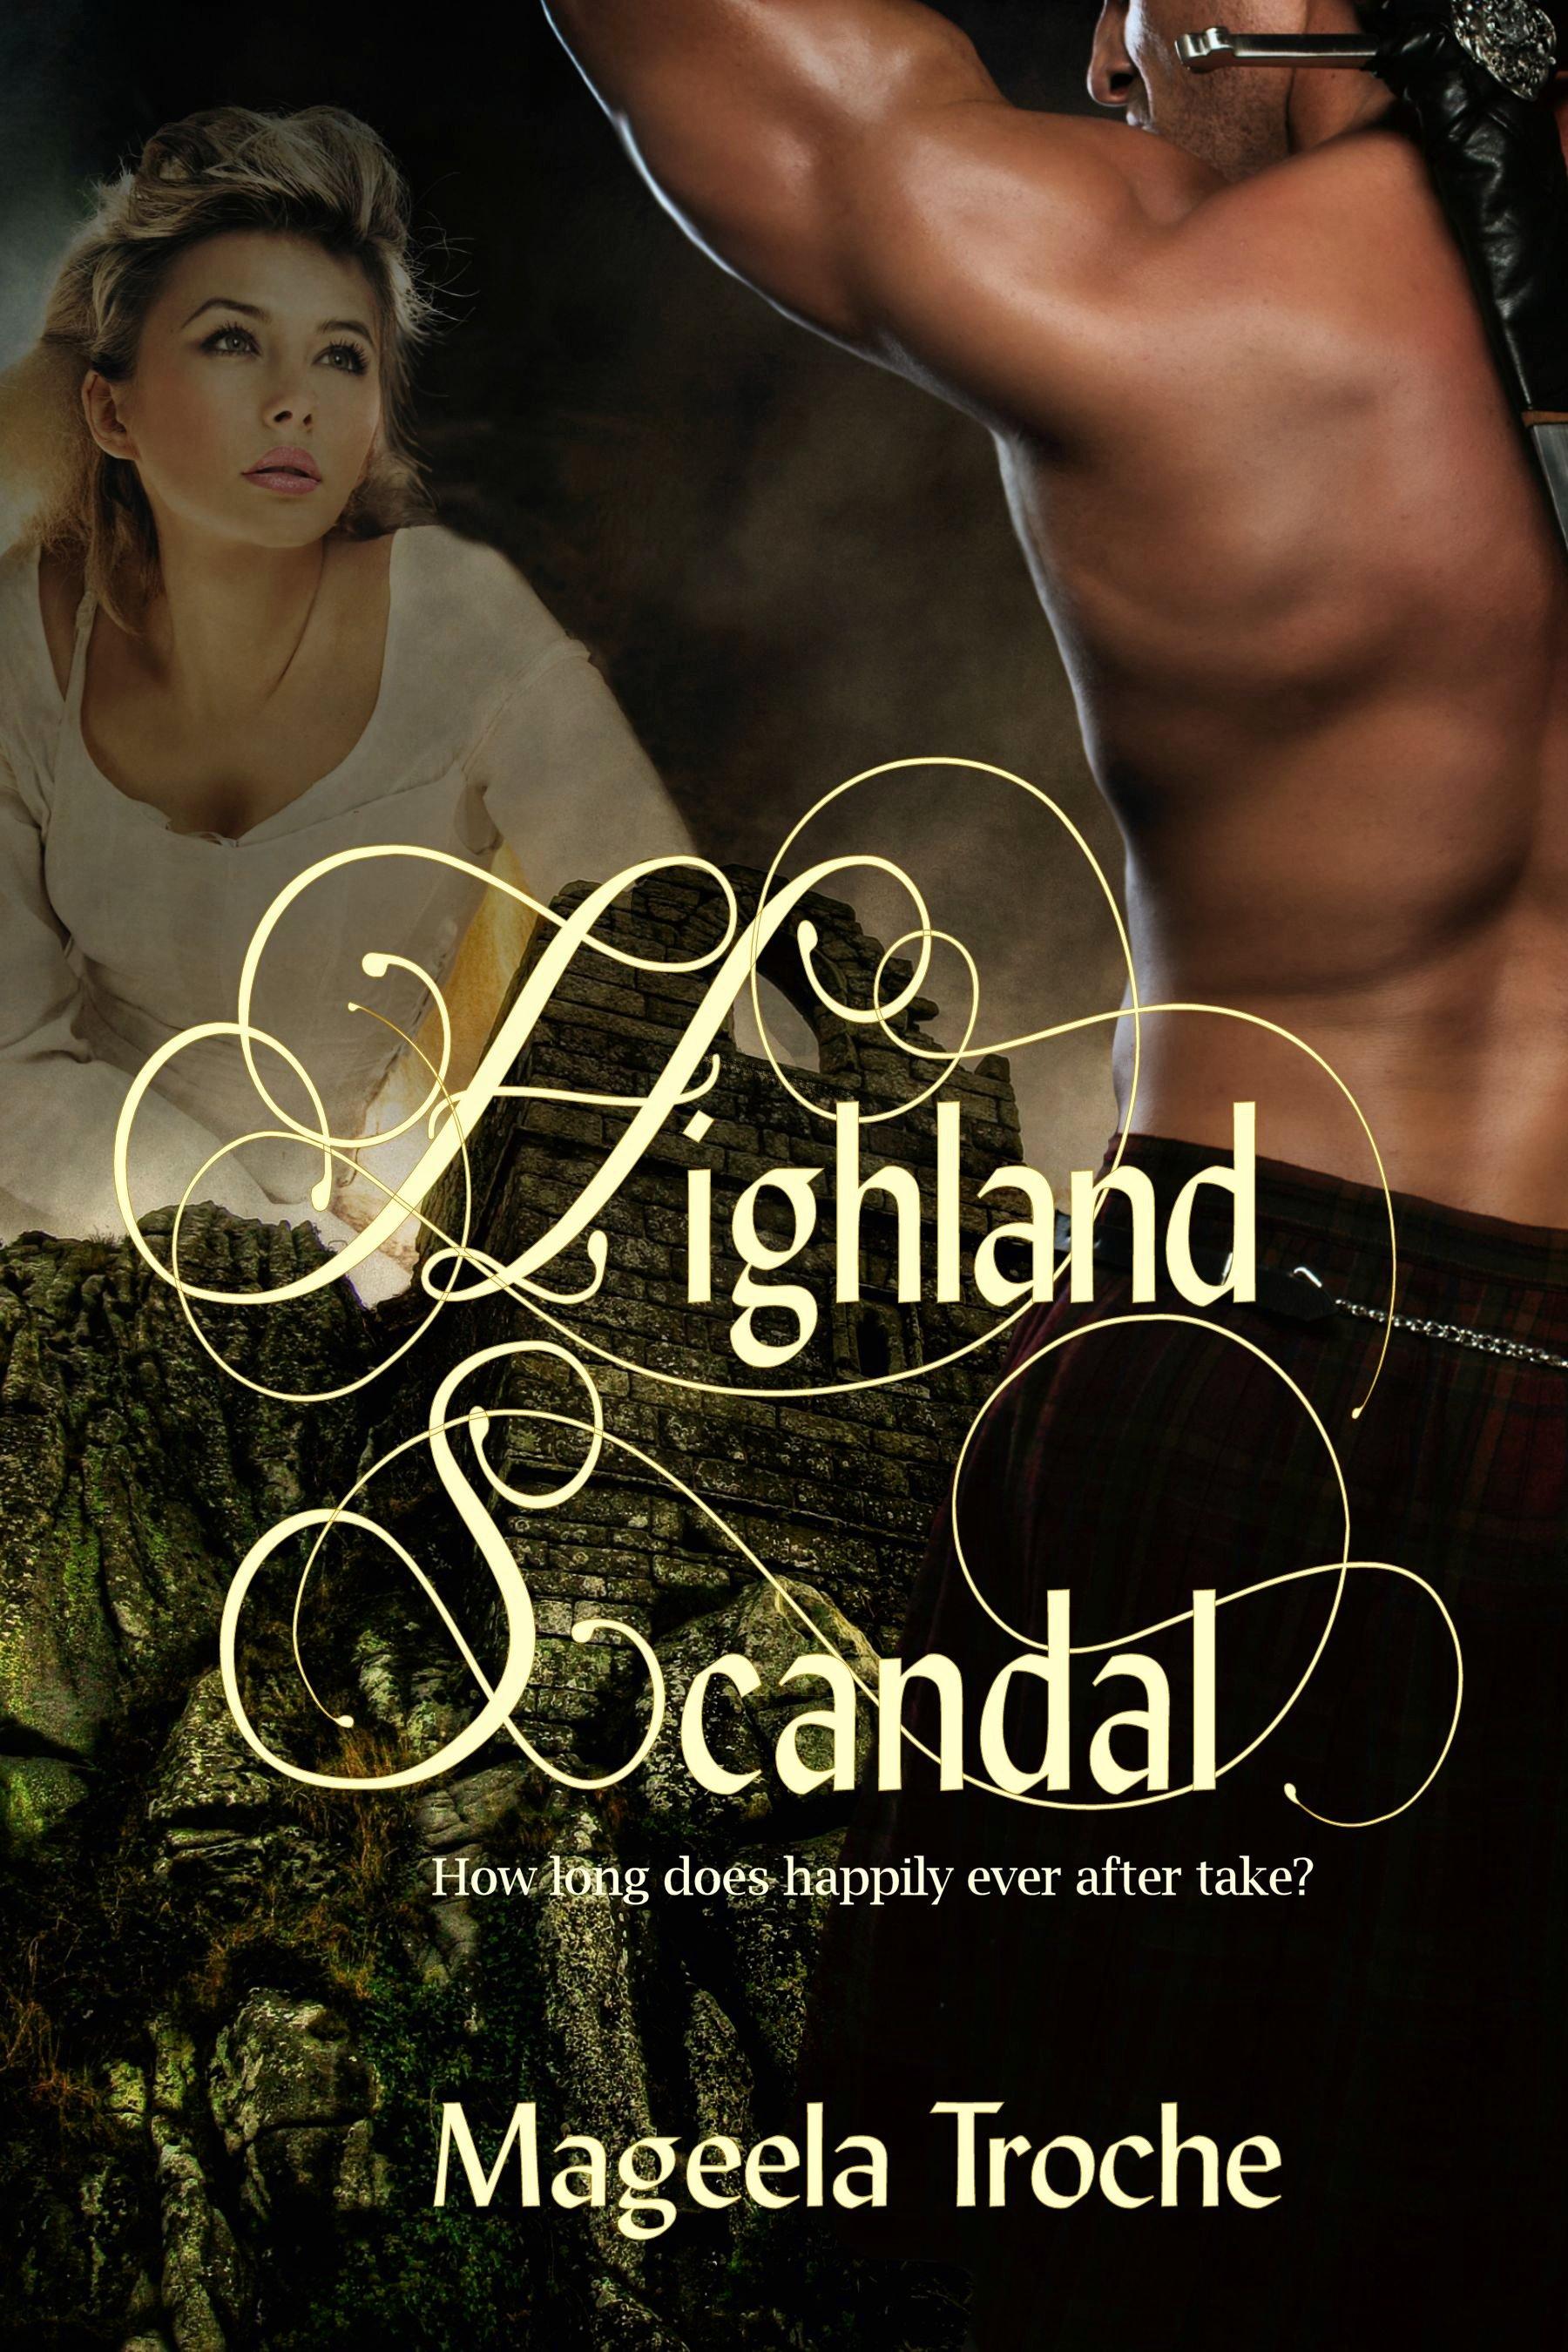 HighlandScandal_fullres